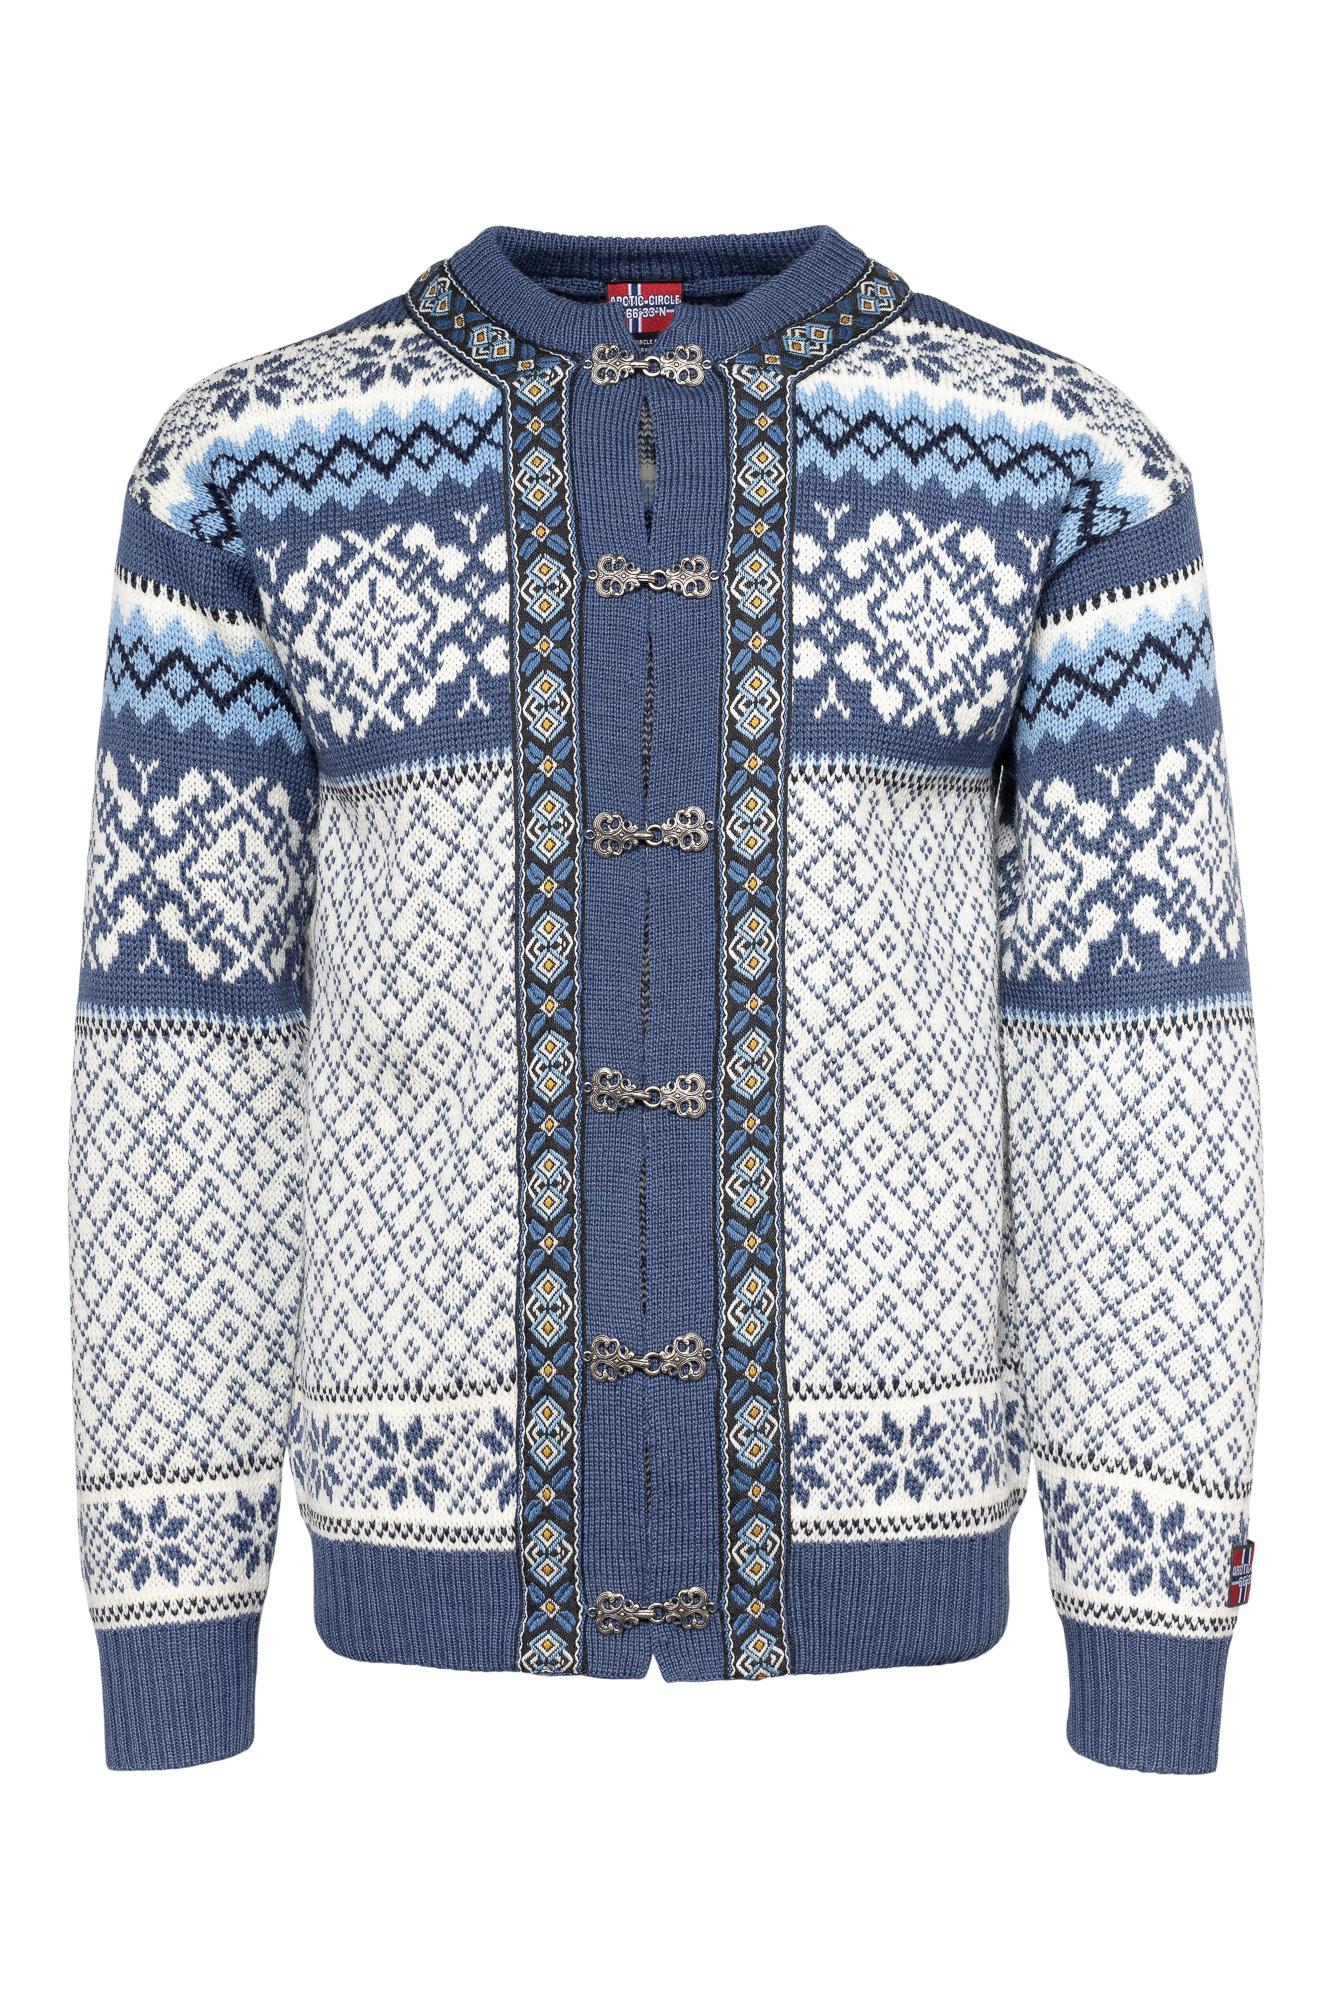 Hvit og blå strikket kofte til dame og herre.